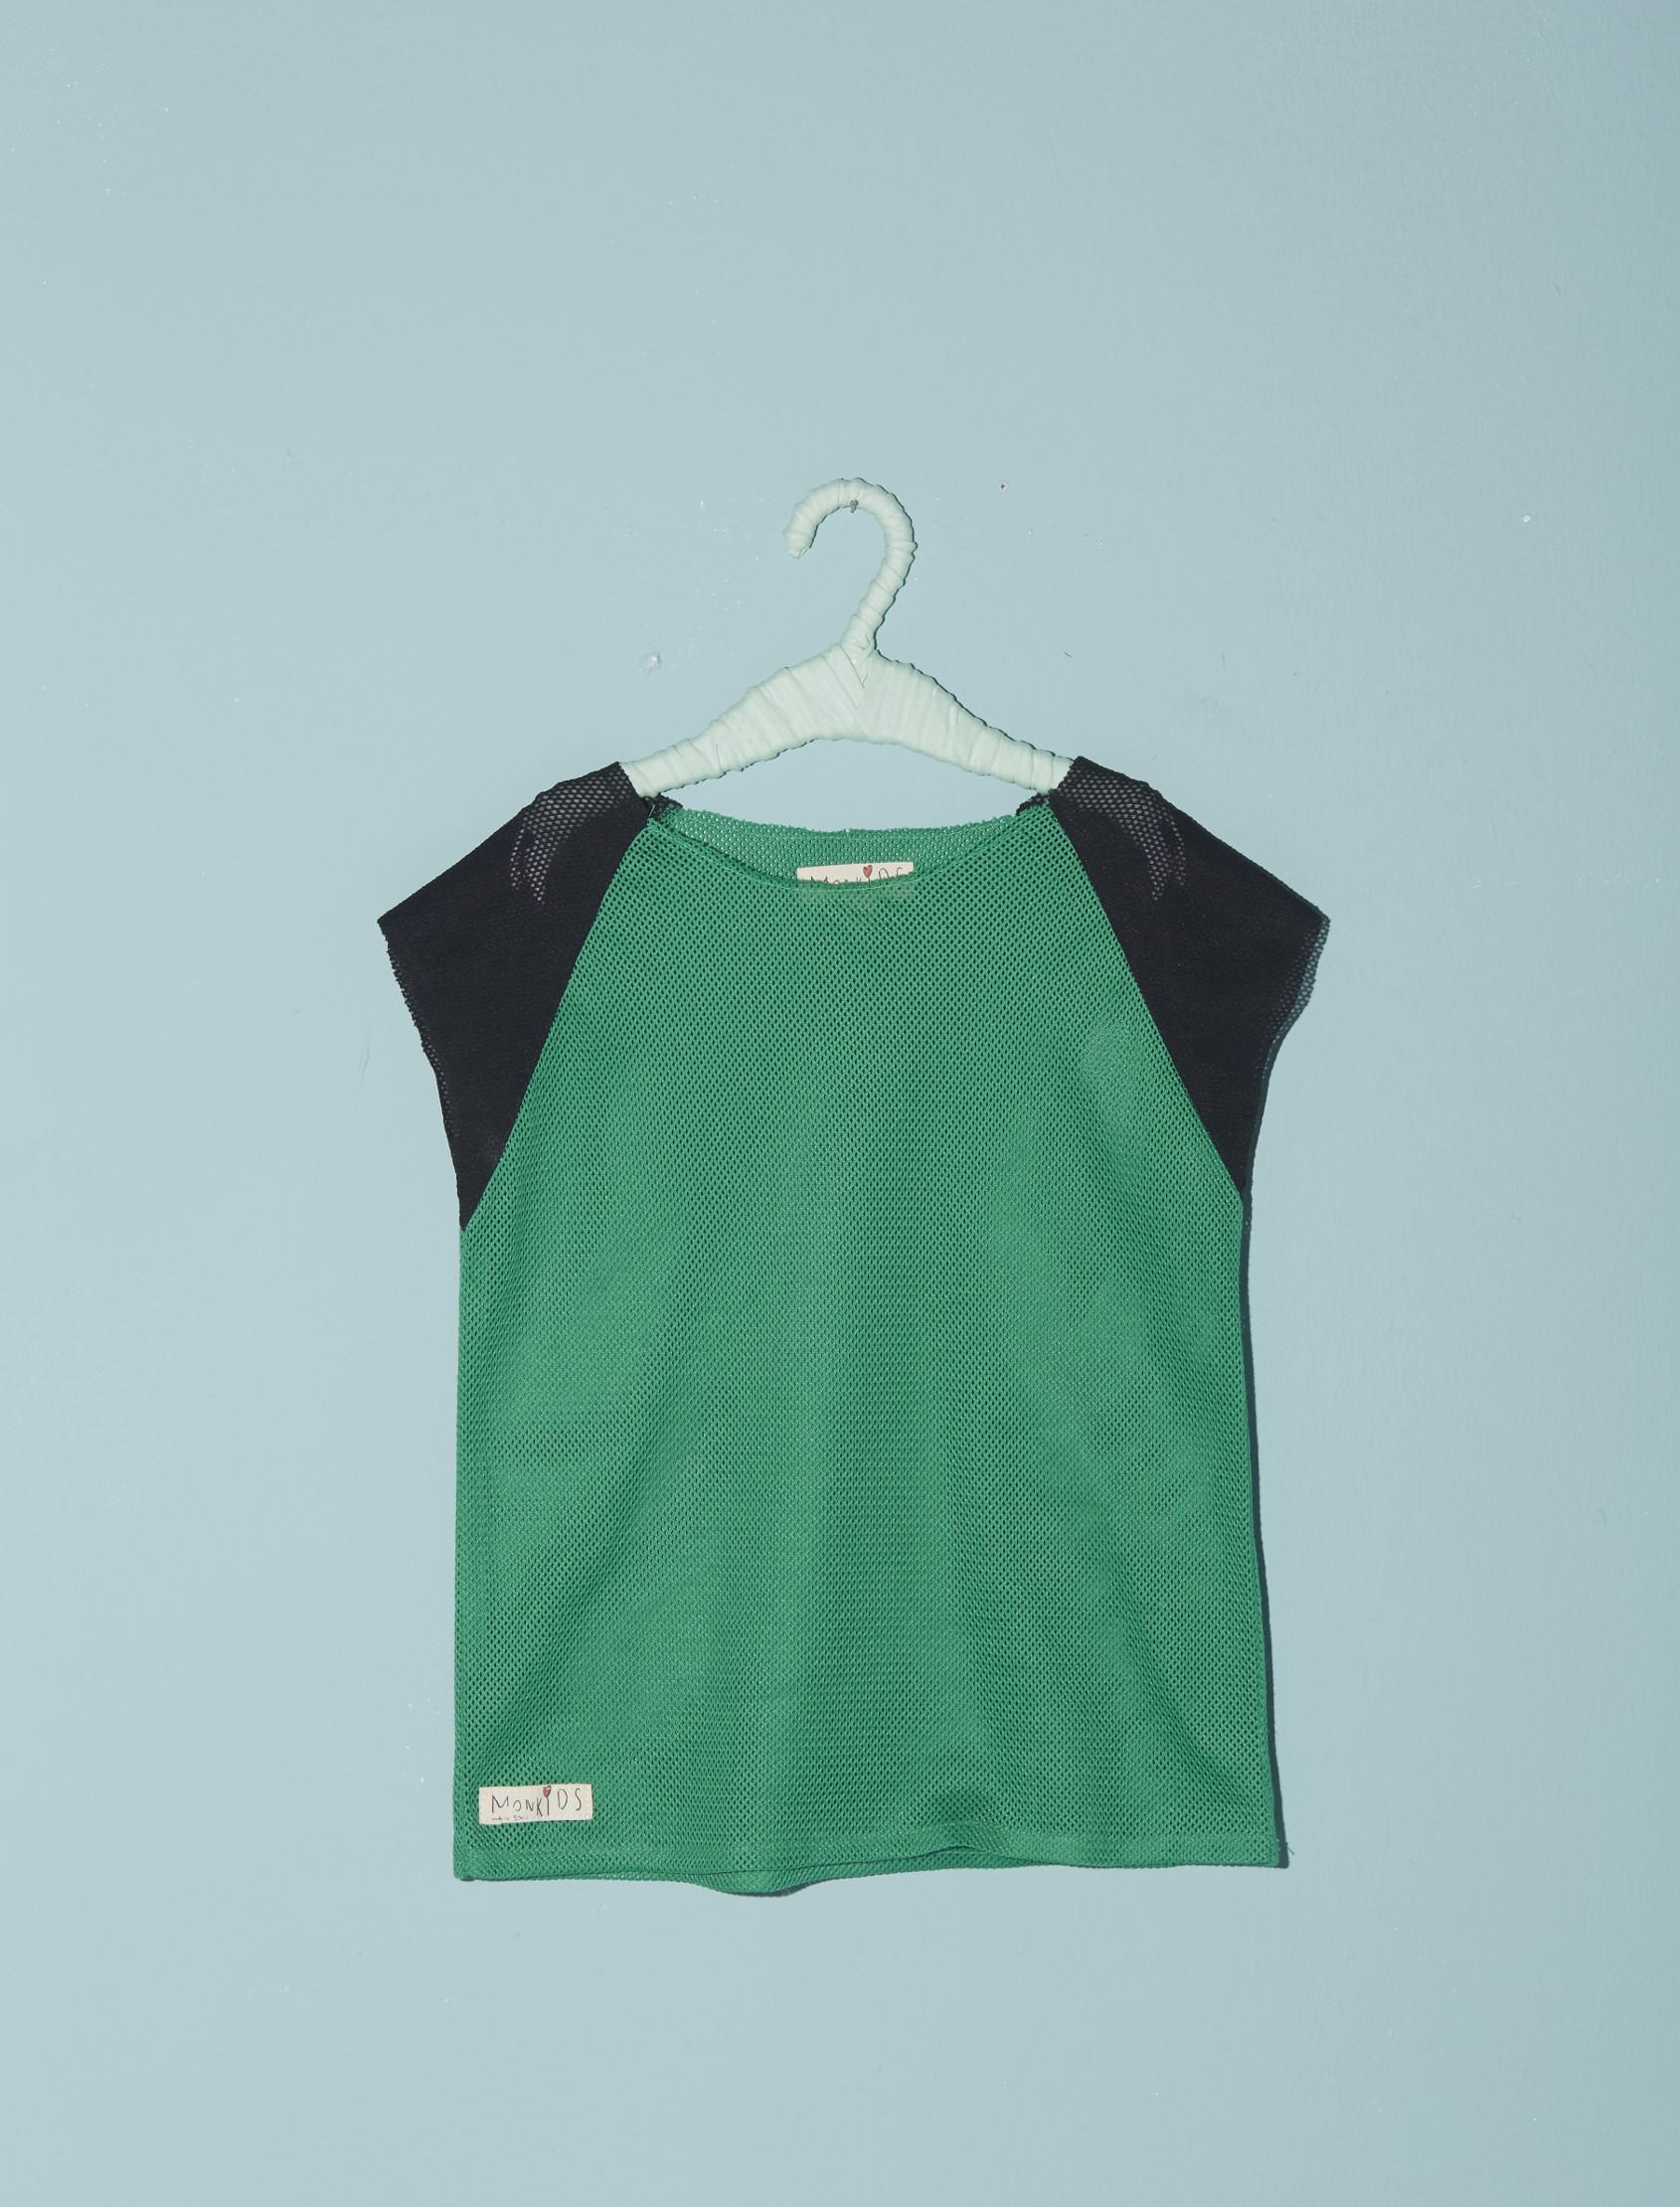 CamisetaMYMONMIXGREEN_01